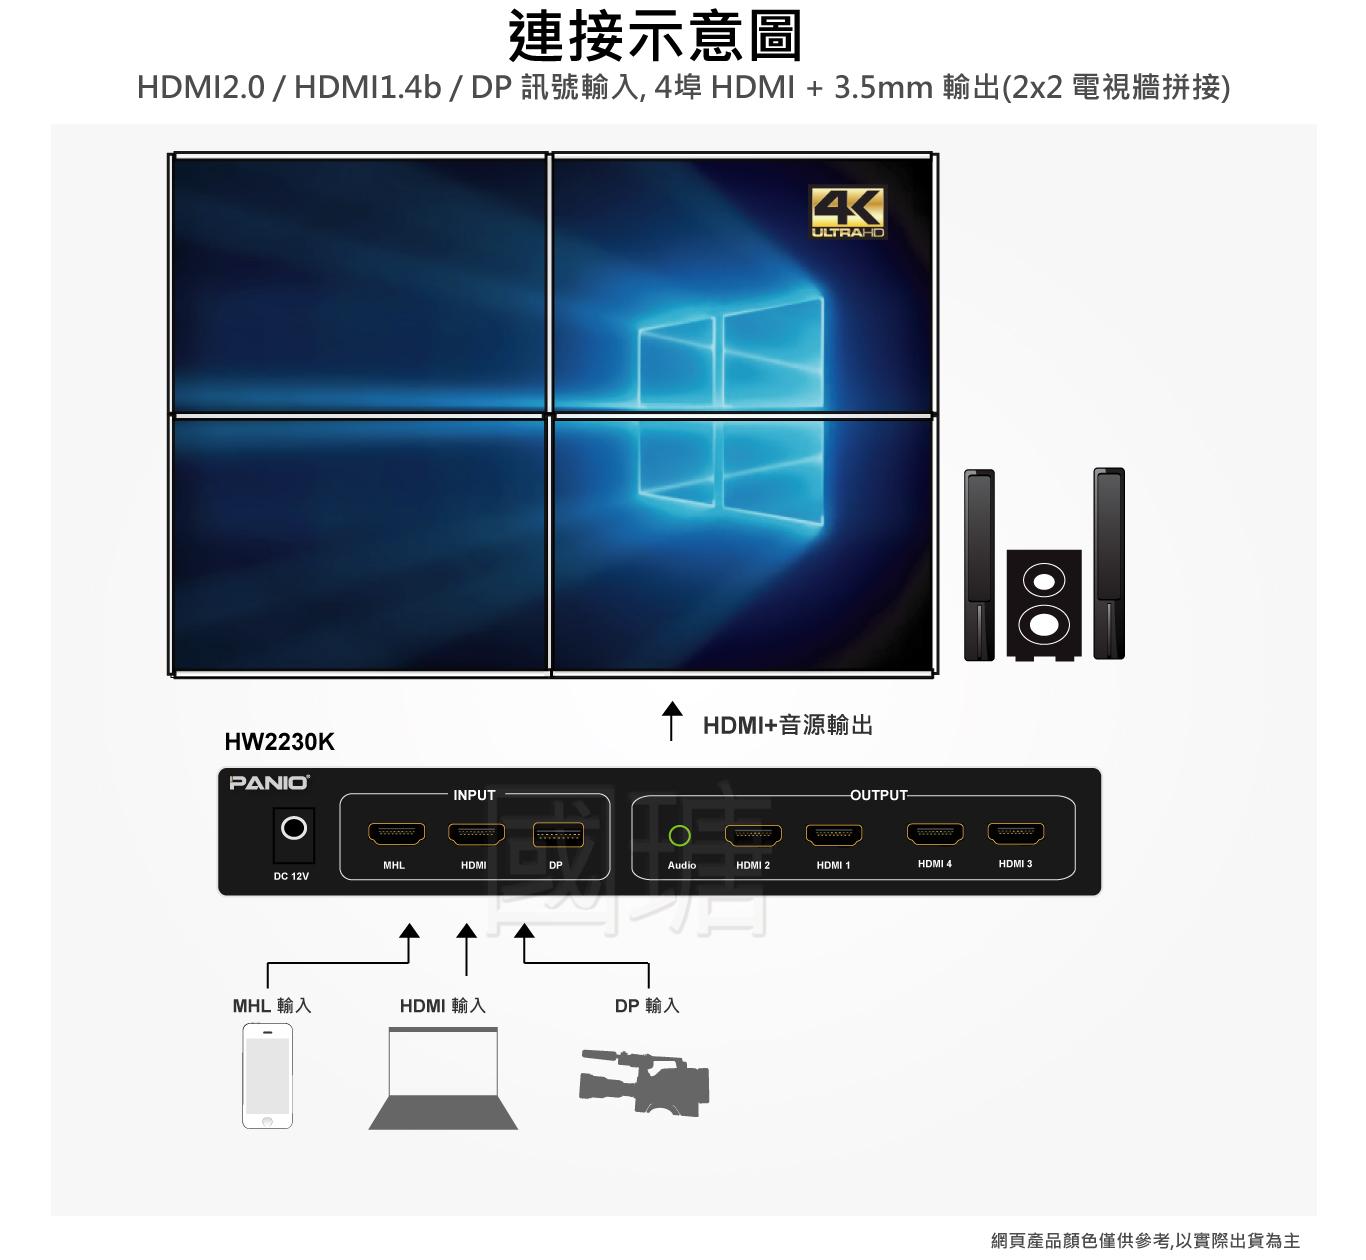 4K60Hz HDMI2.0液晶拼接電視牆